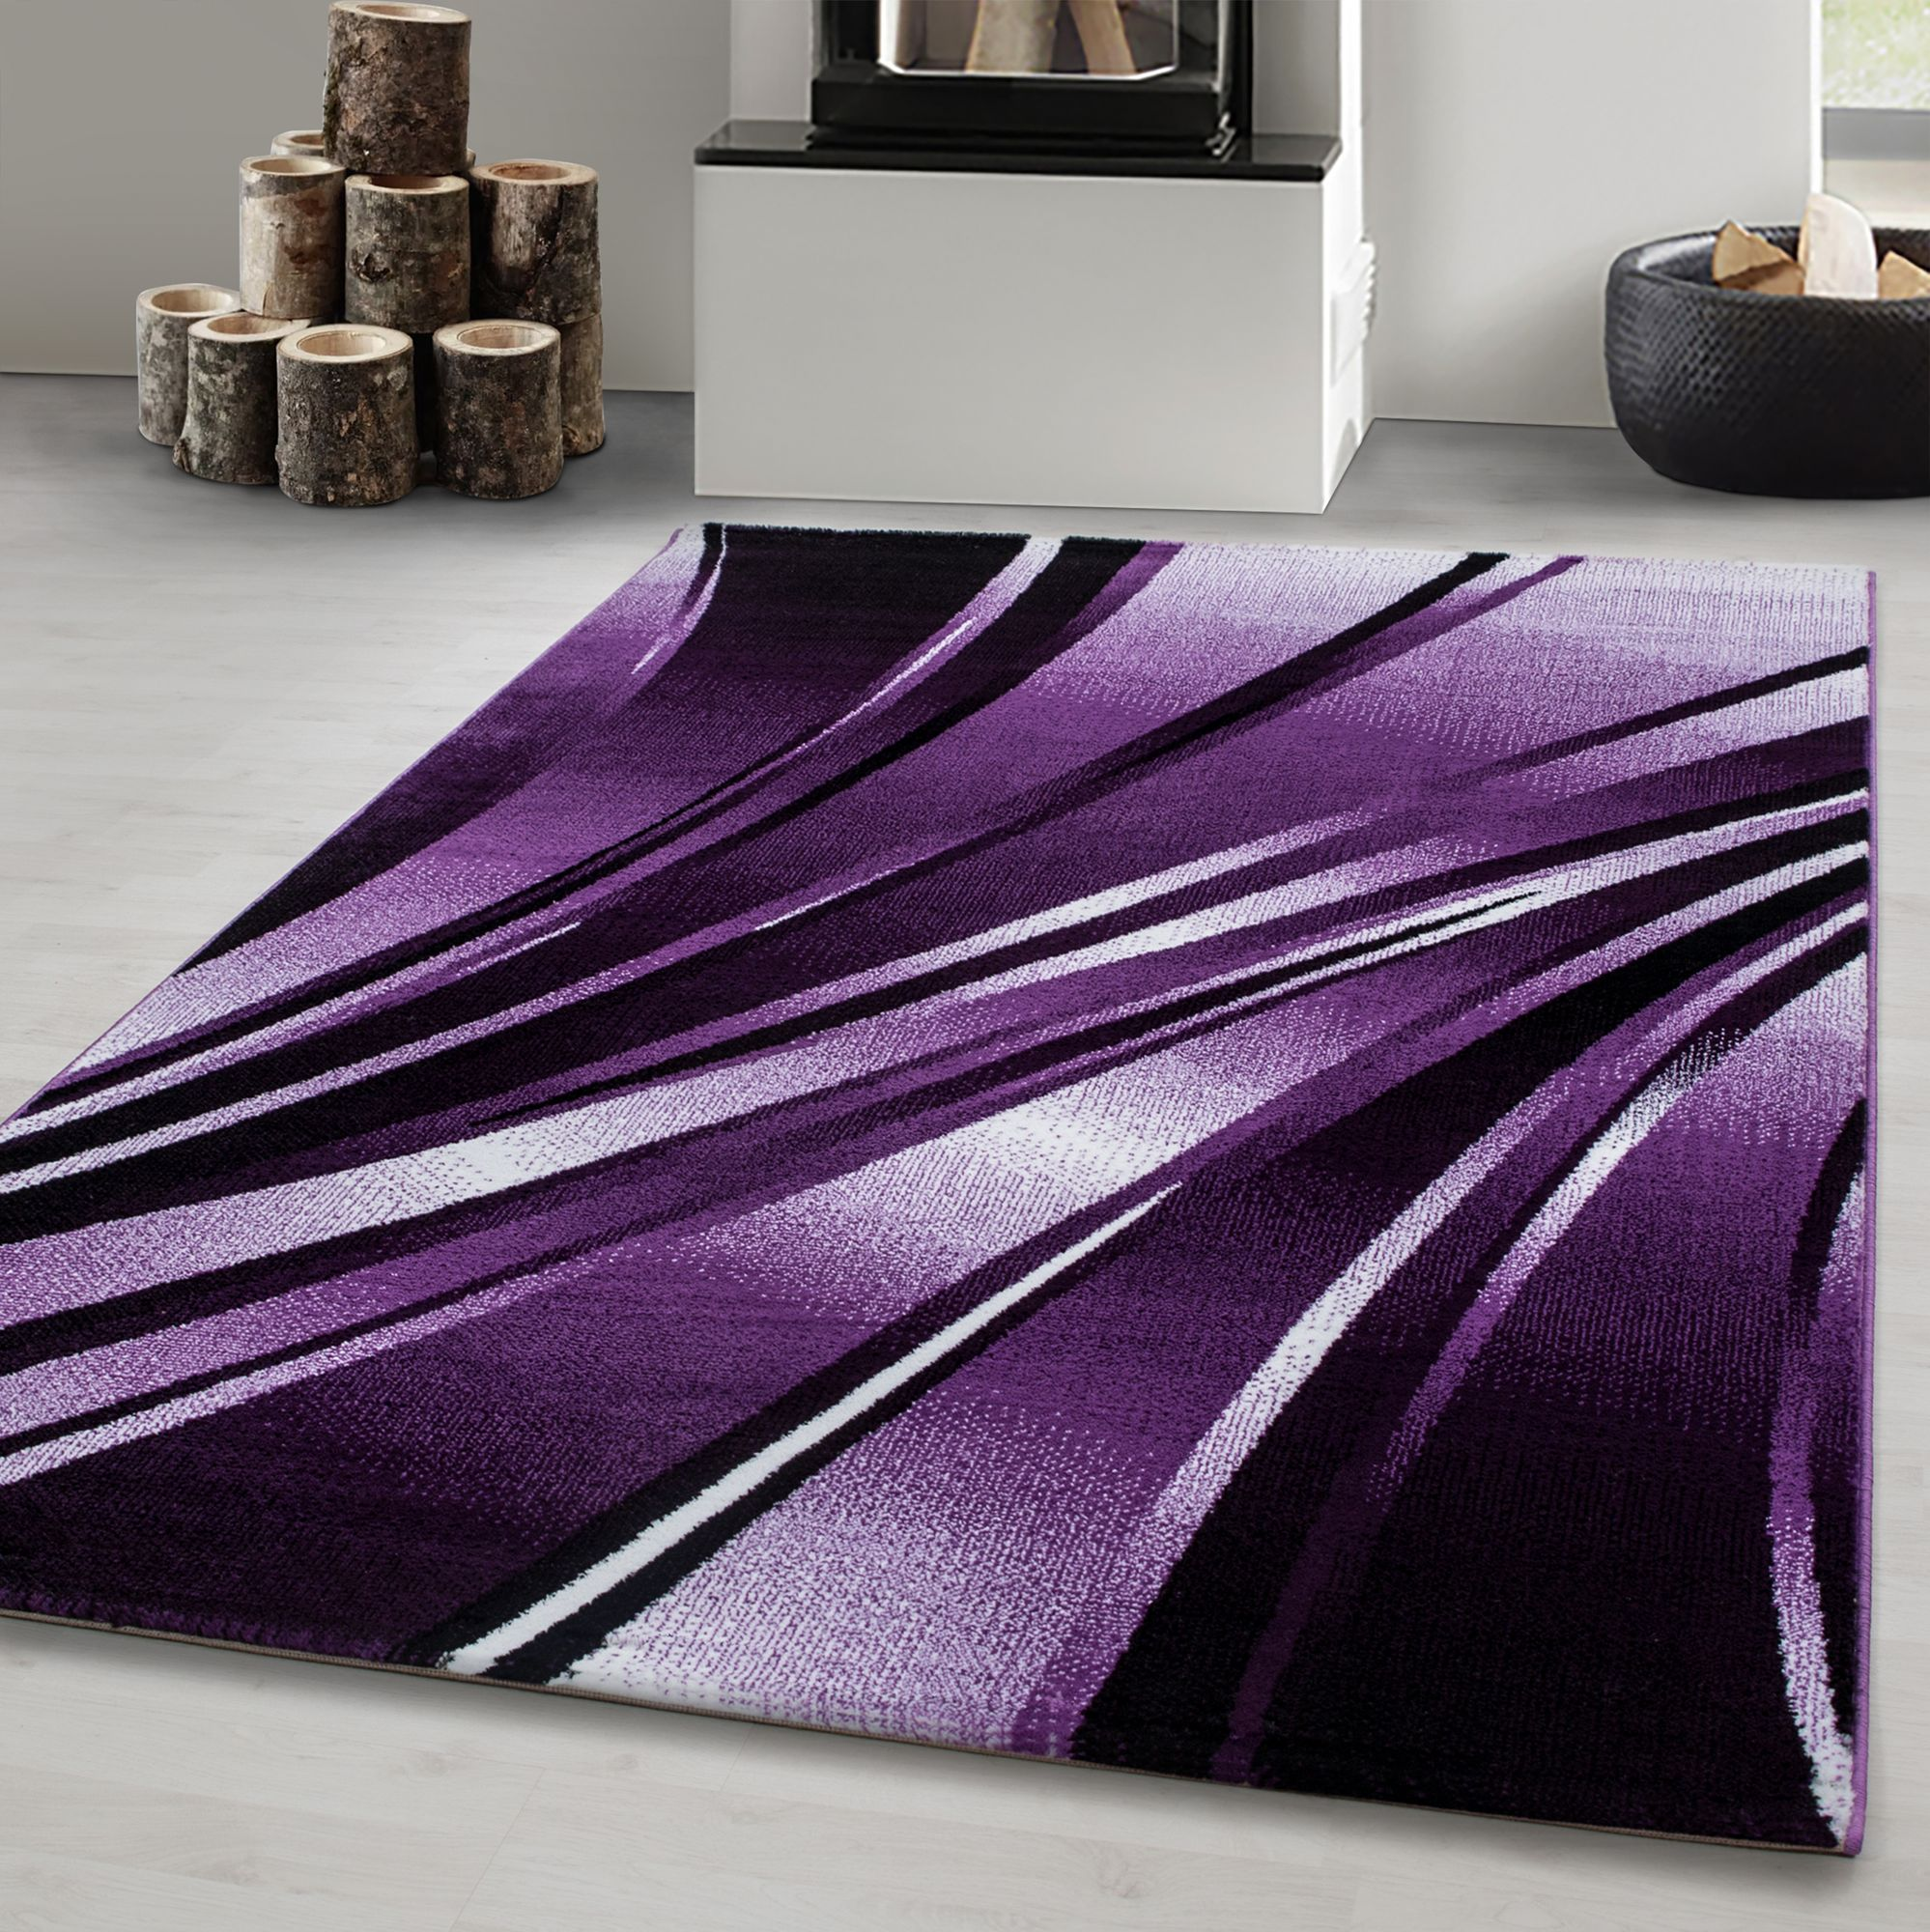 Teppich Modern Designer Wohnzimmer Abstrakt Wellen Muster Schwarz Lila Weiß